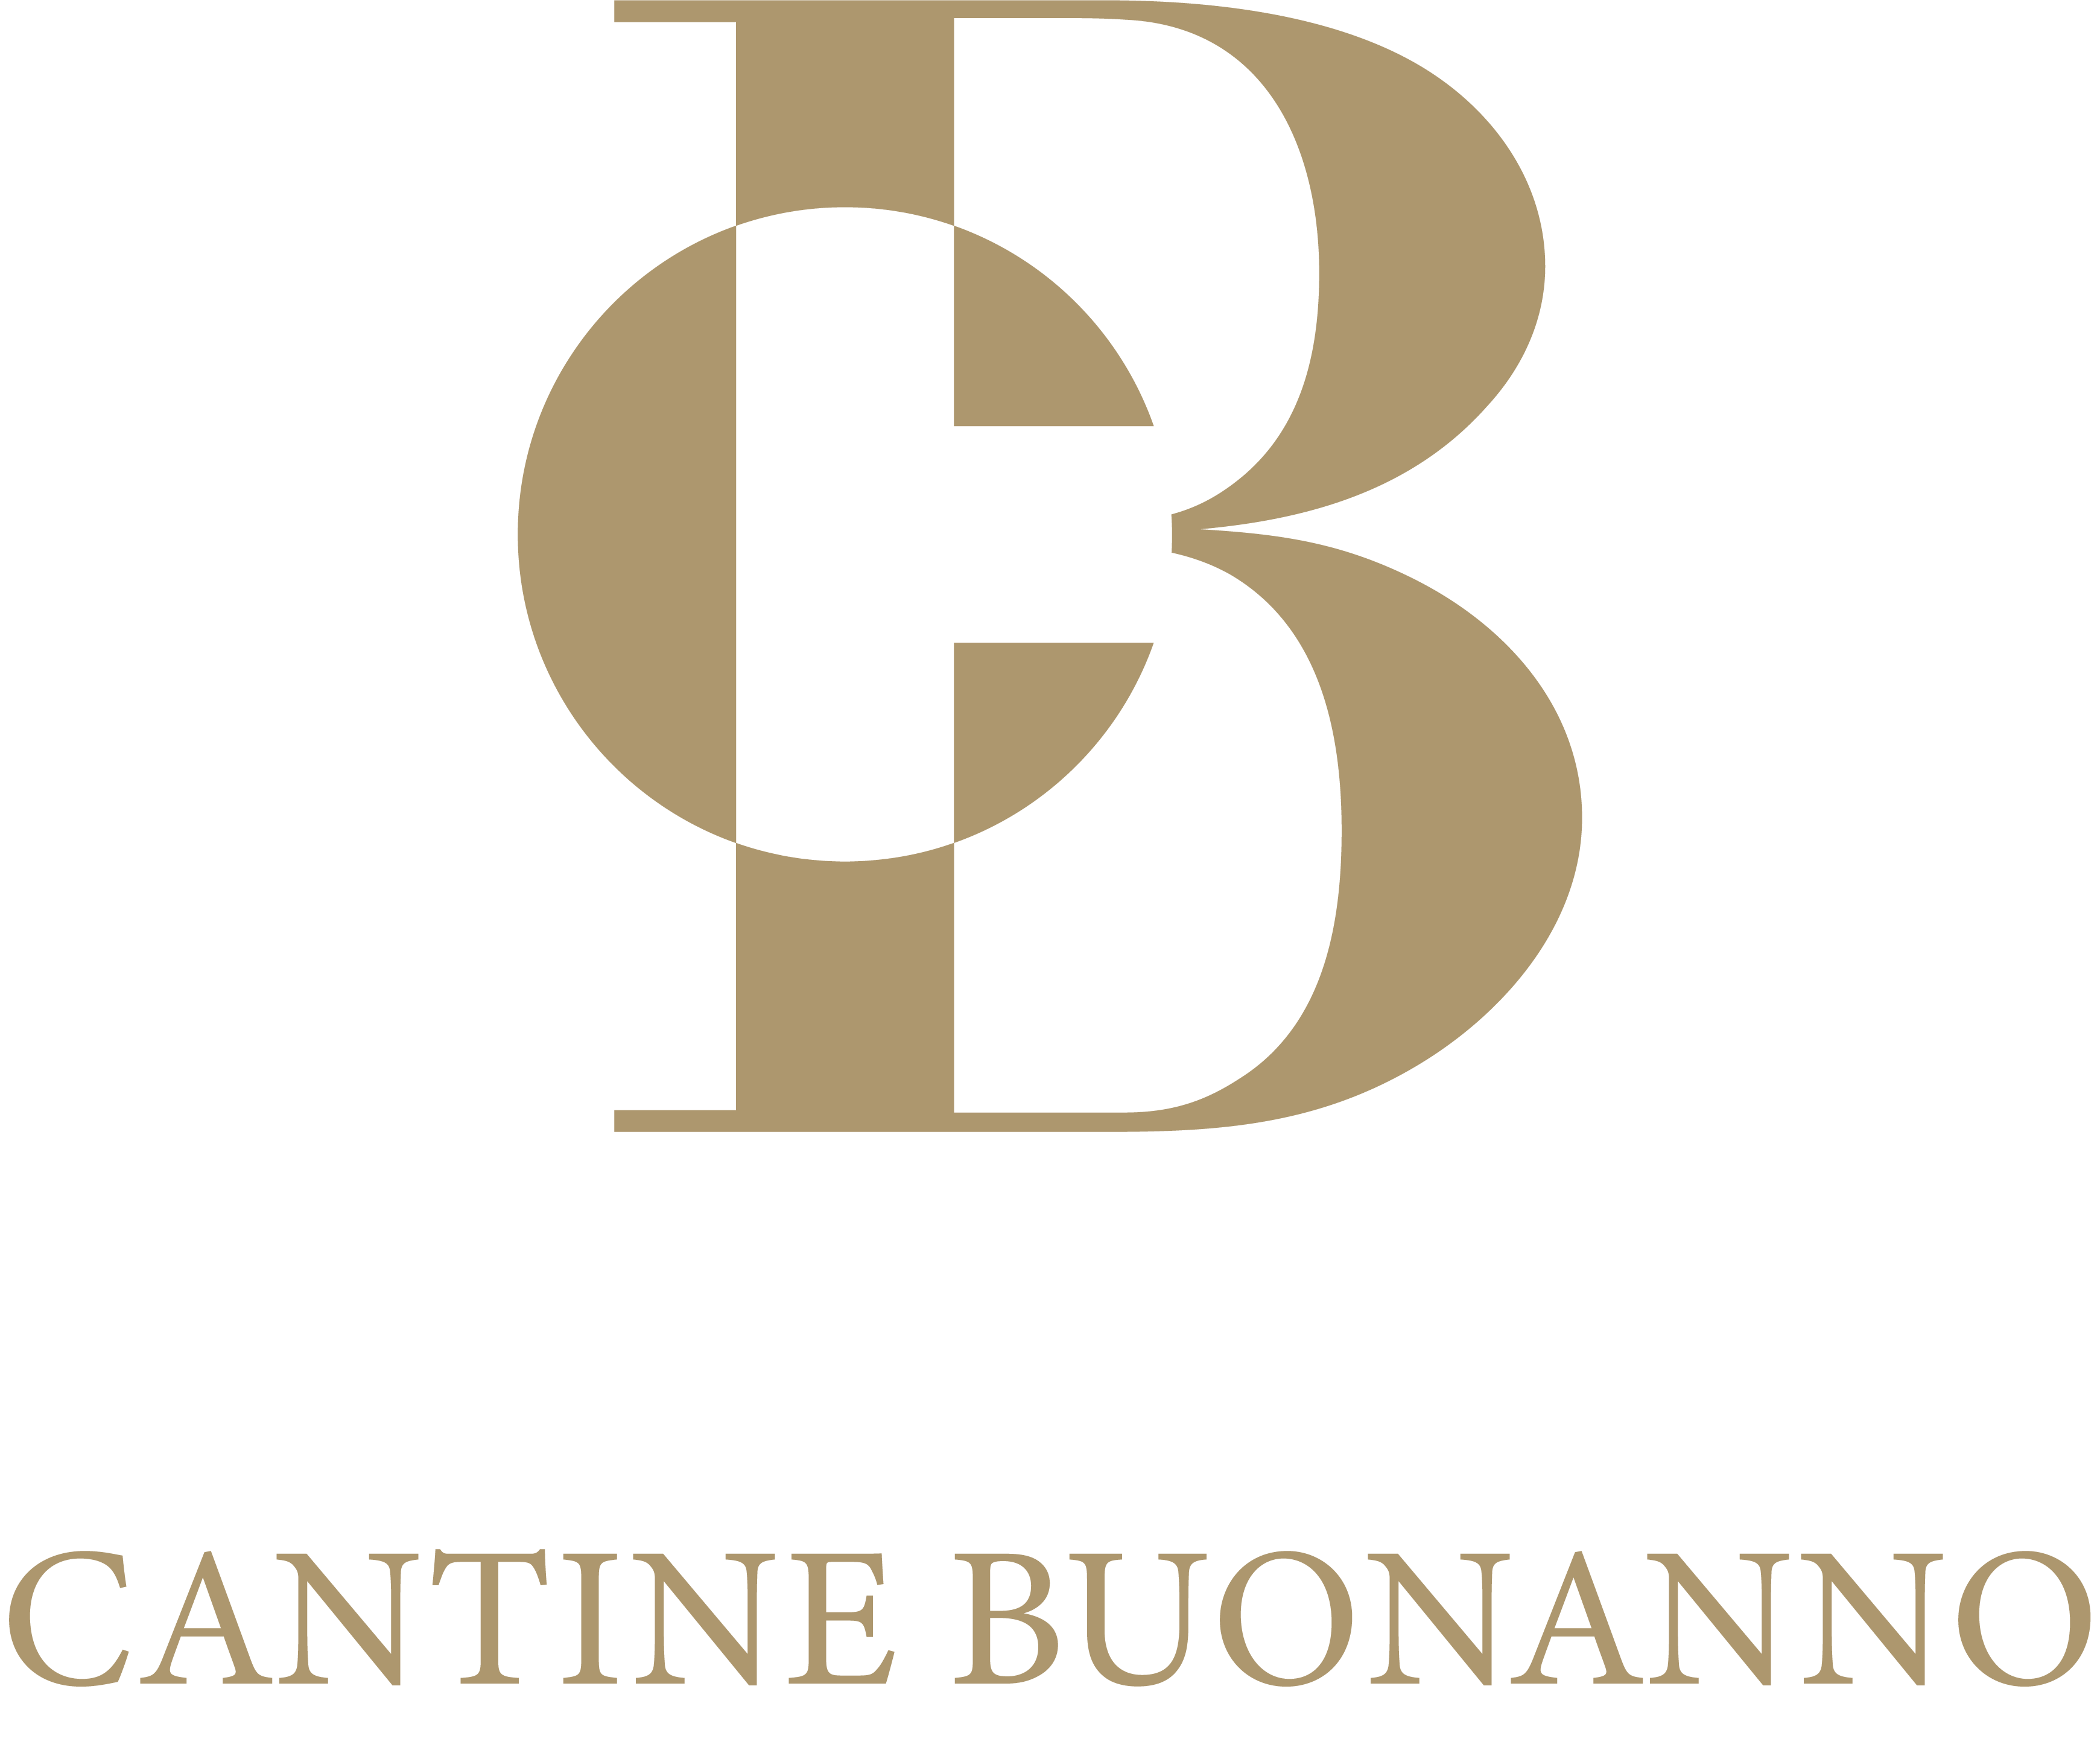 Cantine Buonanno